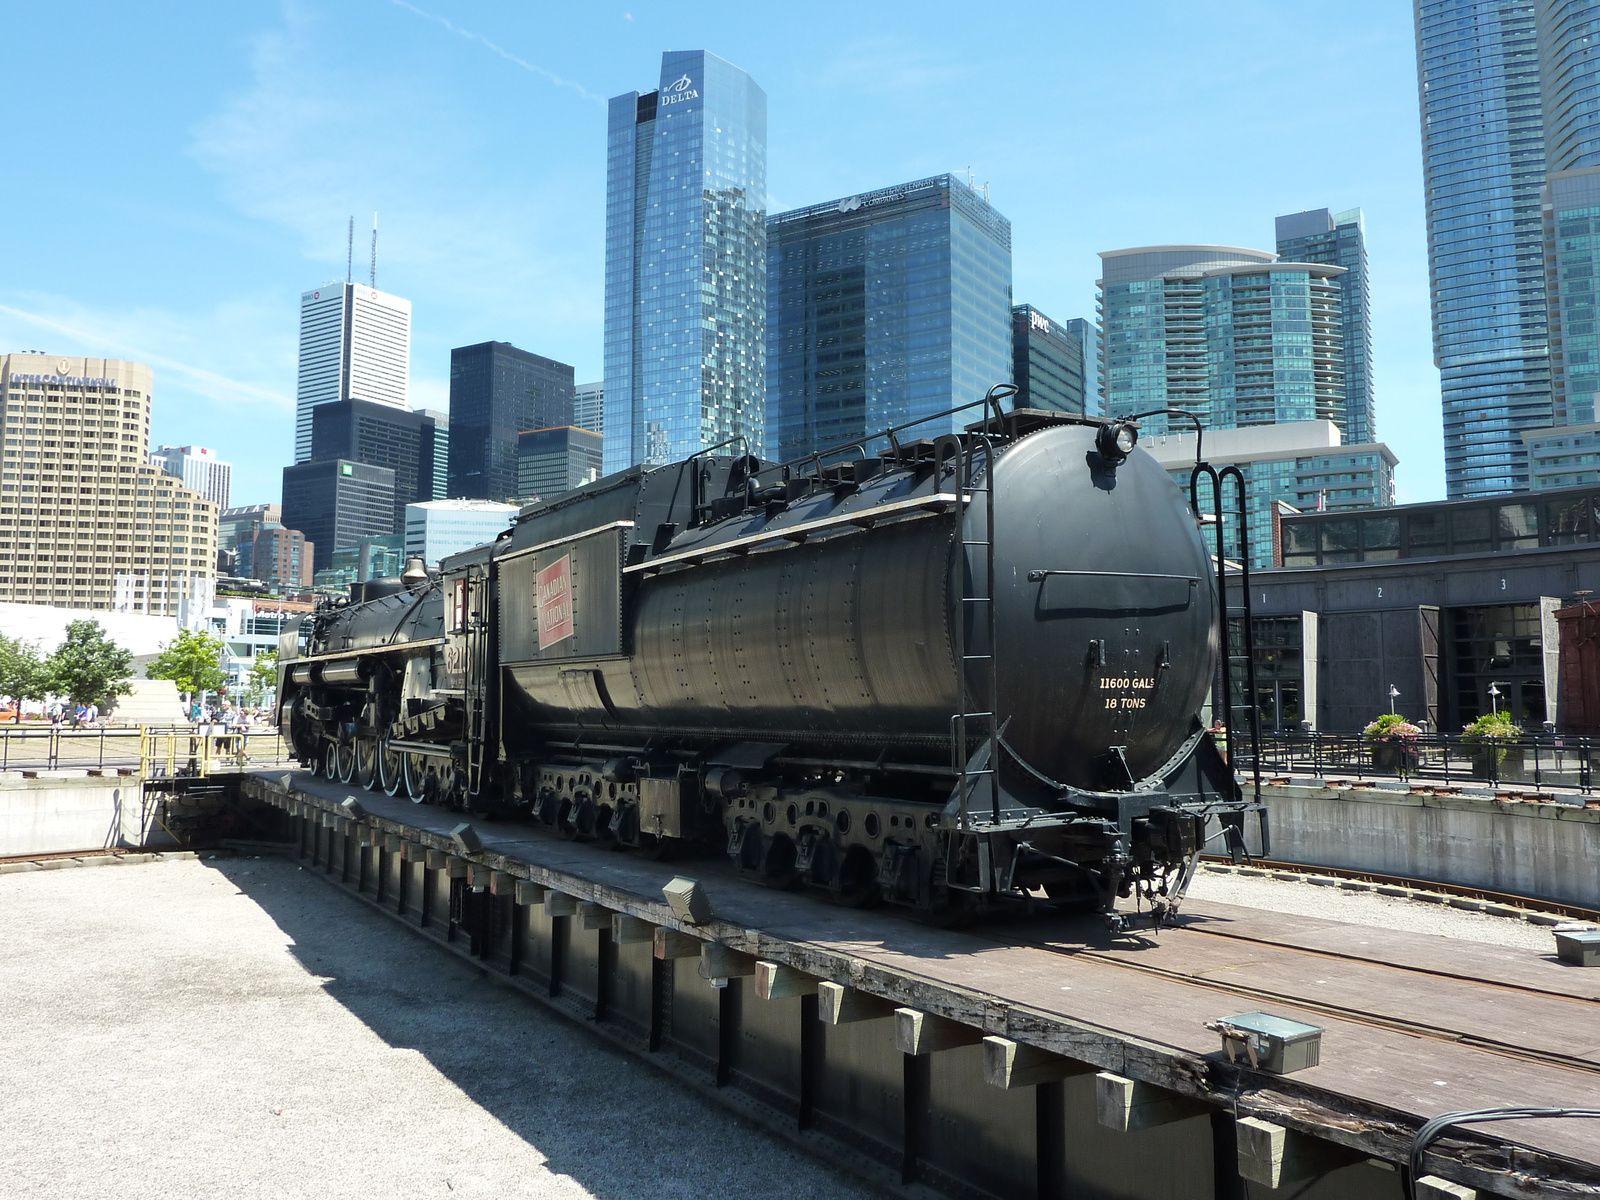 Le musée du chemin de fer de Toronto